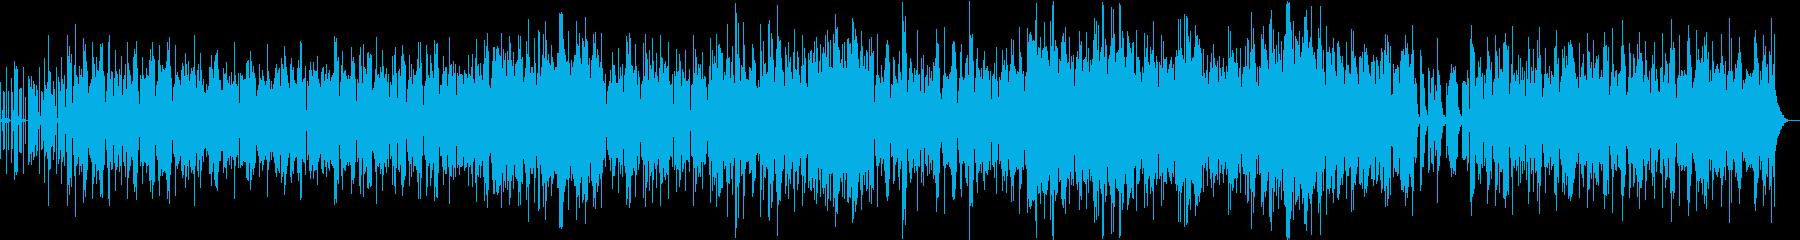 幻想的でリズミカルな曲の再生済みの波形